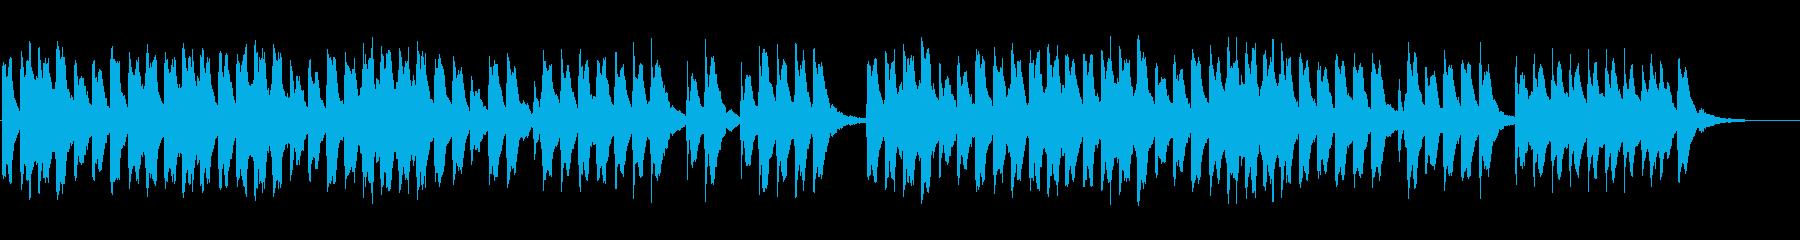 落ち着いたビブラフォンの再生済みの波形